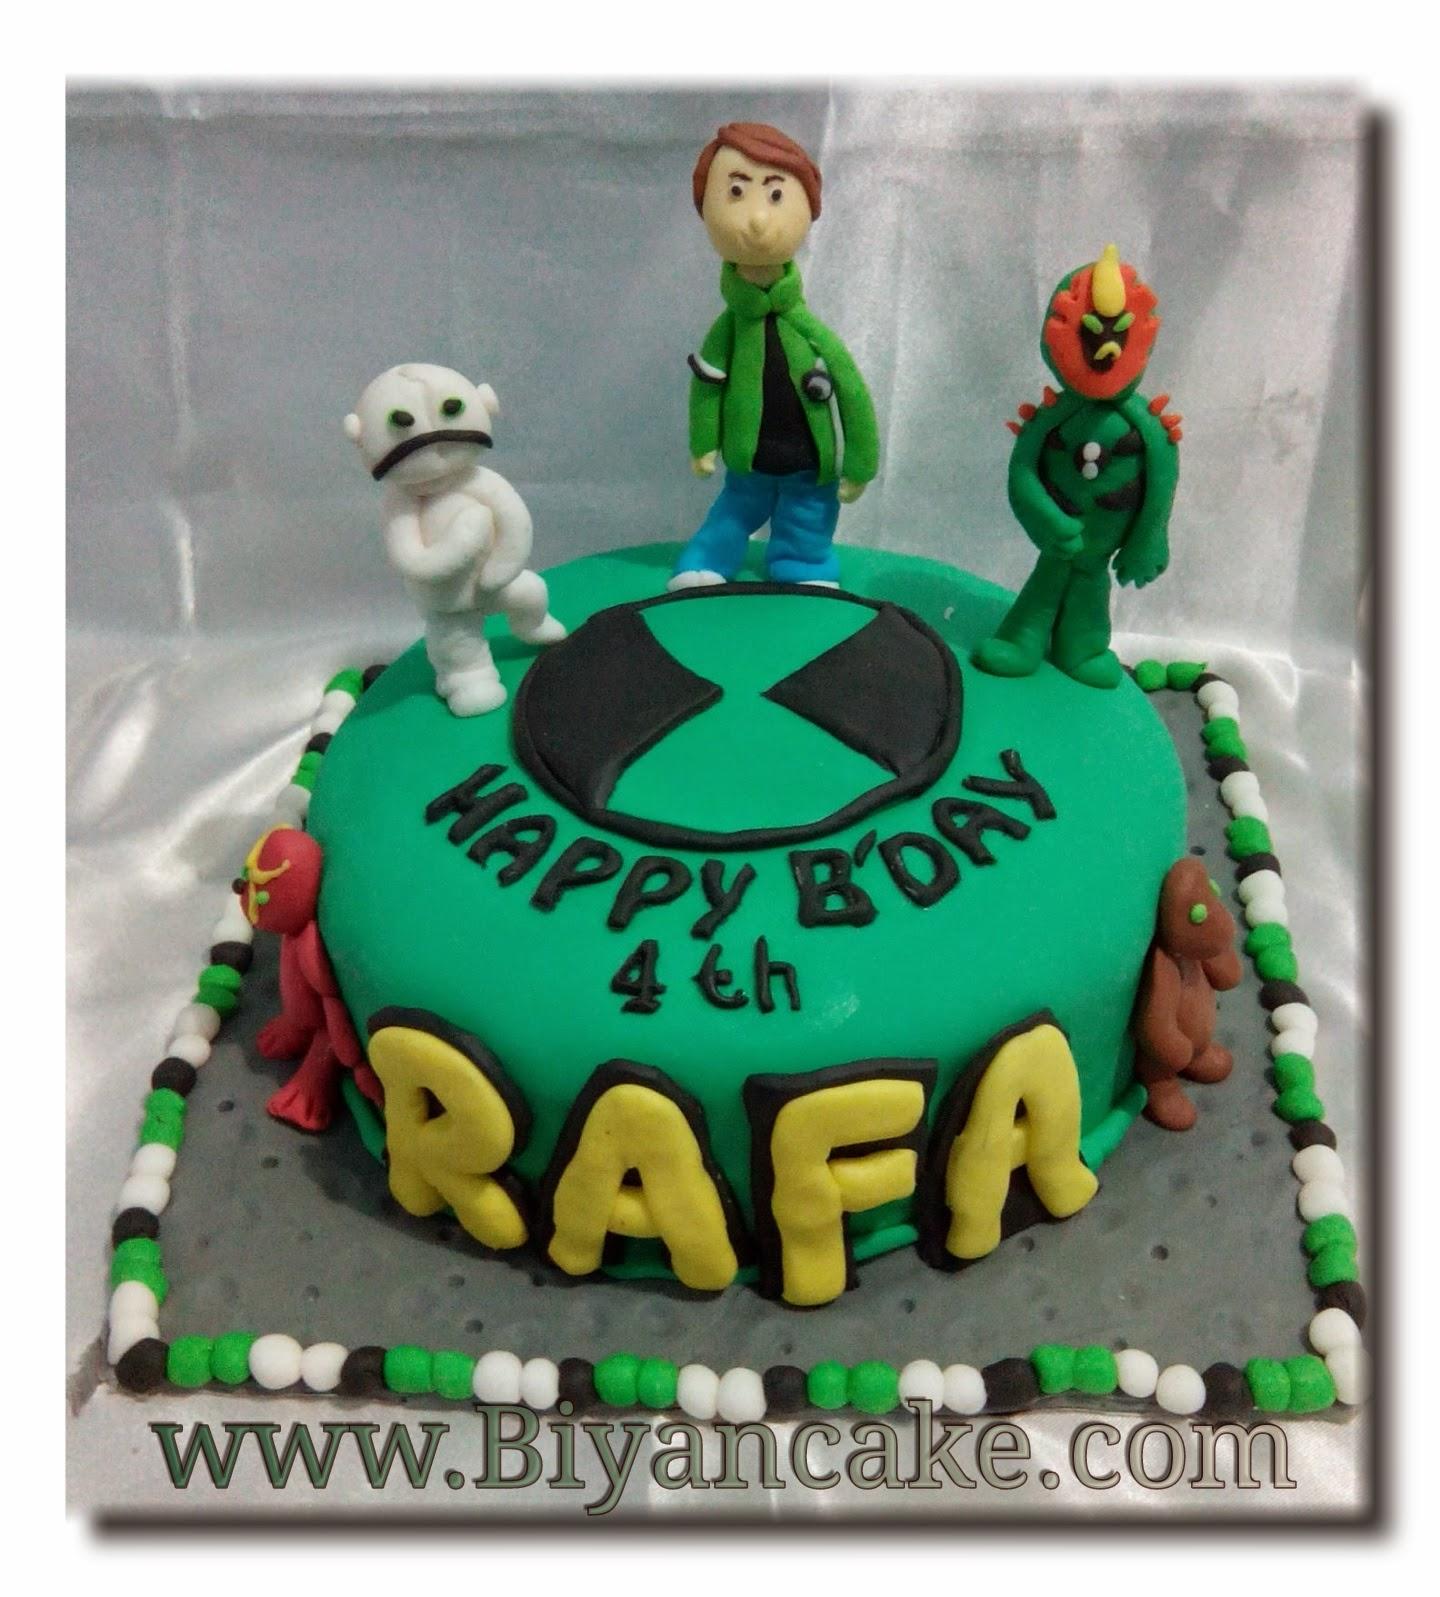 Kue tart ben10 biyan cake jual kue tart di bekasi kue tart ben10 rafa voltagebd Image collections